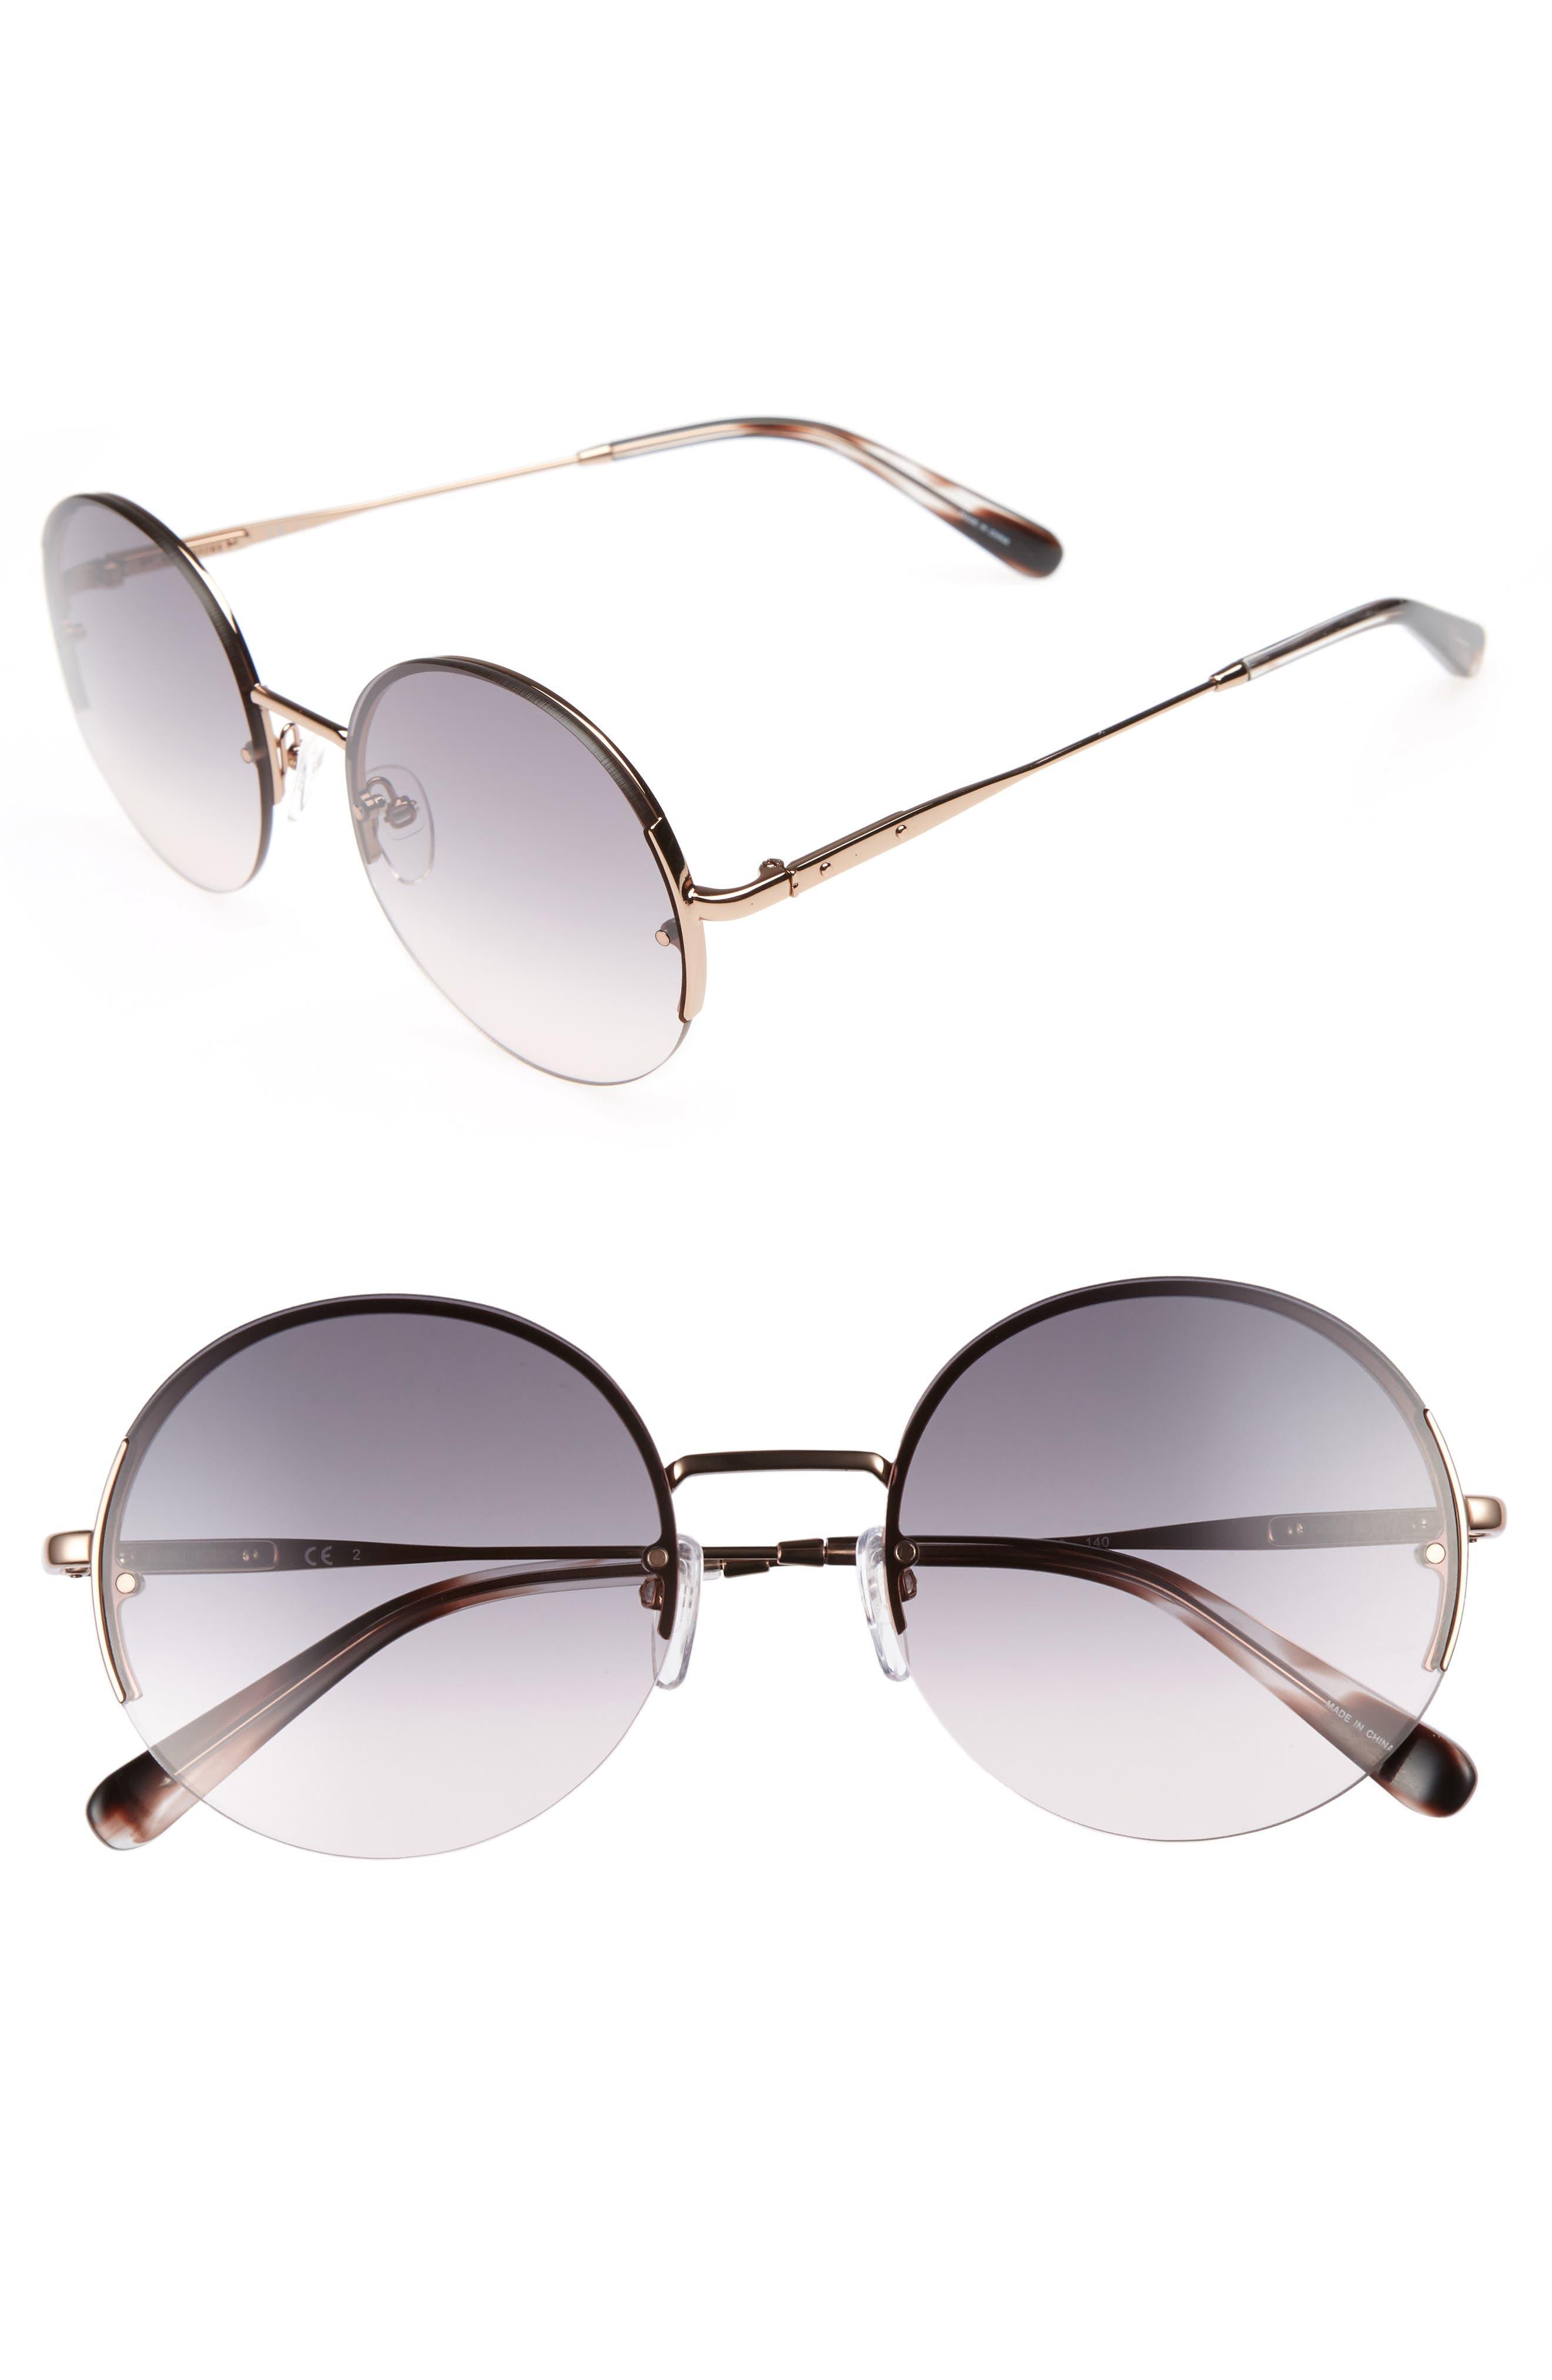 Main Image - Bobbi Brown 55mm Round Sunglasses